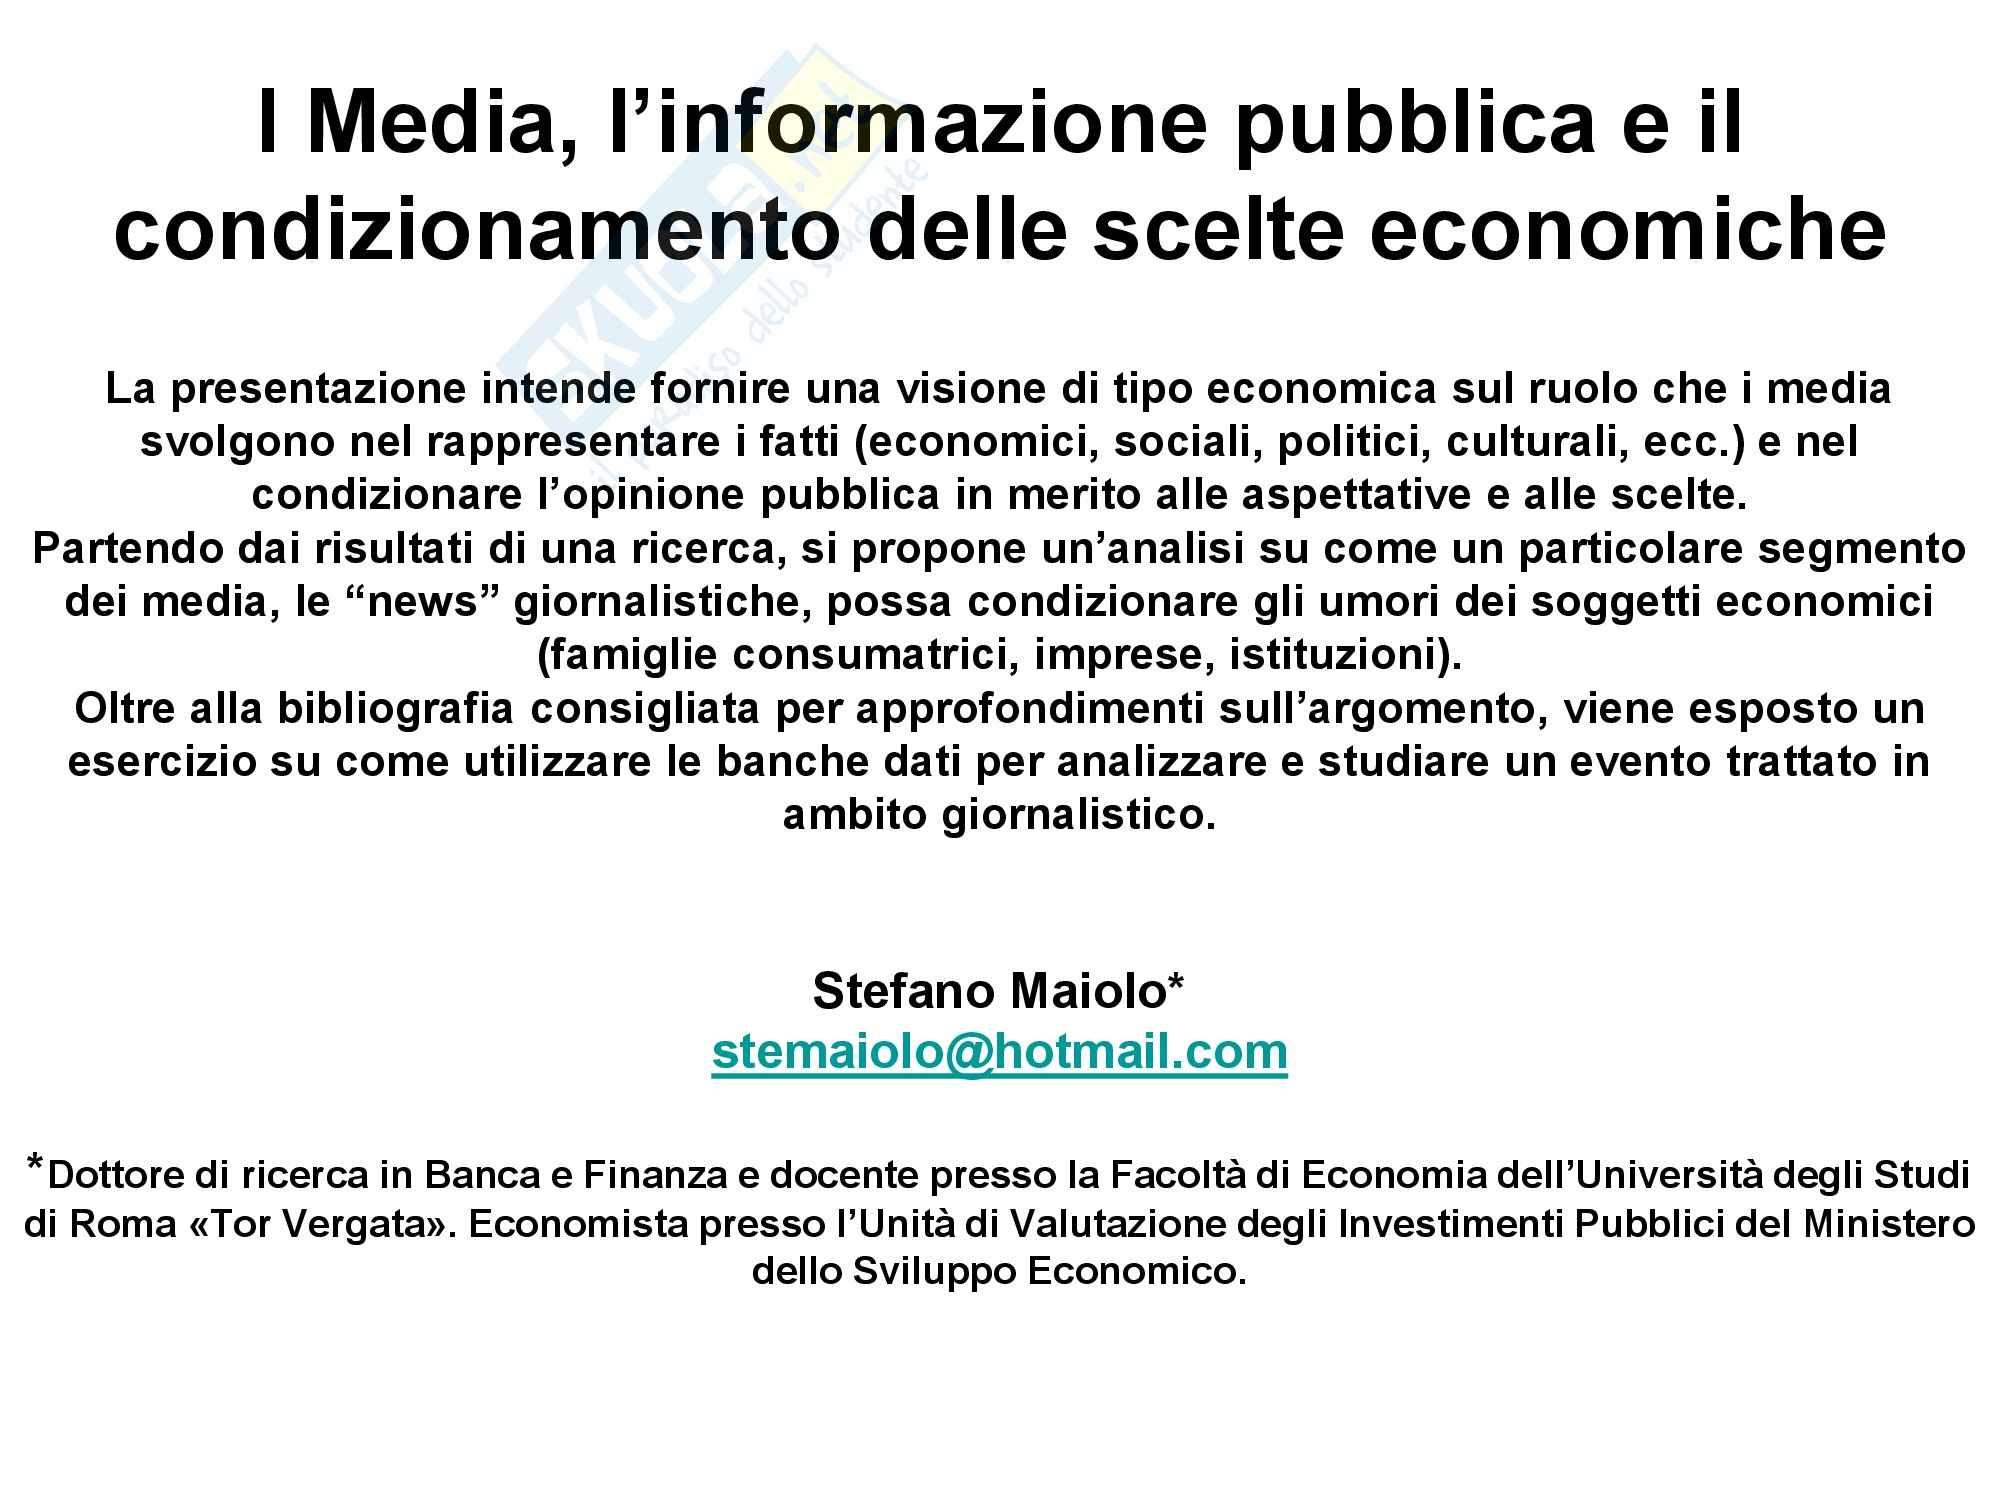 Media, informazione e il condizionamento delle scelte economiche